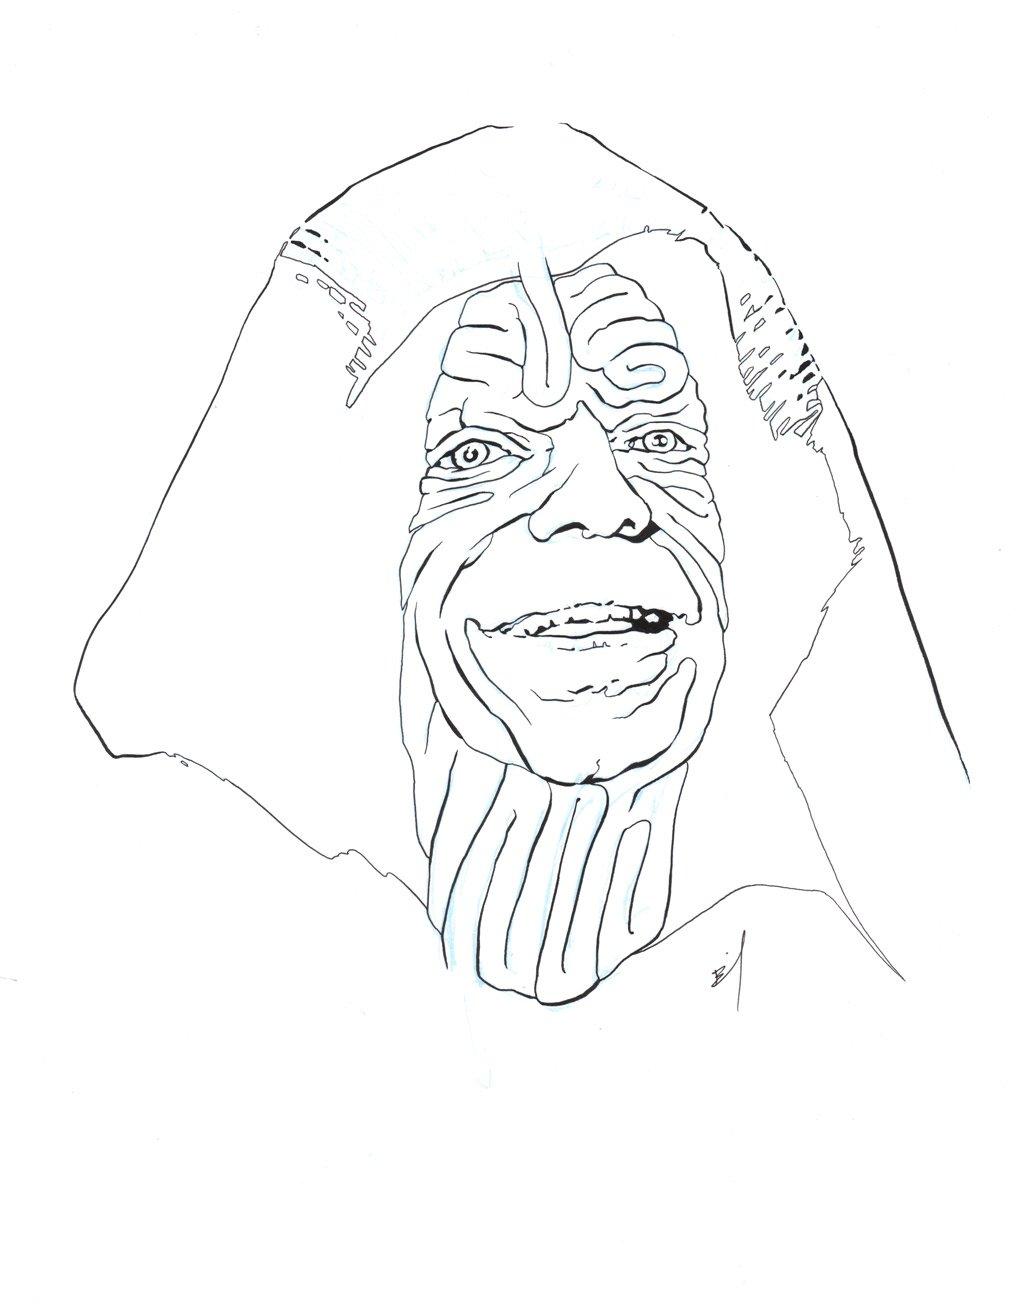 1032x1304 The Emperor Face Maze Original Ink Drawing Brandon Bird